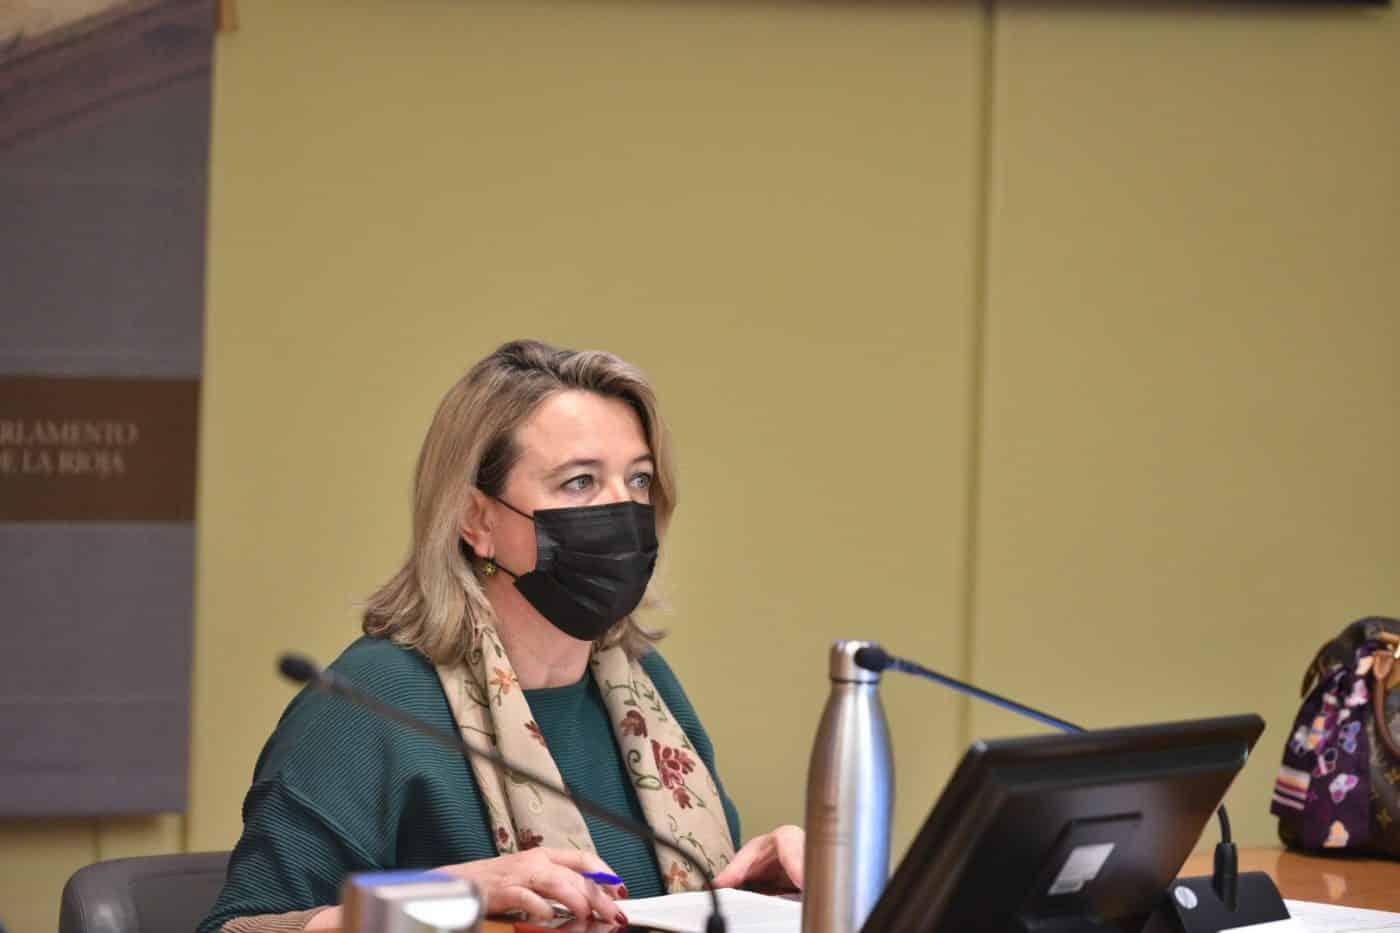 La Rioja regula el acceso al creado parque público de vivienda social en alquiler 3